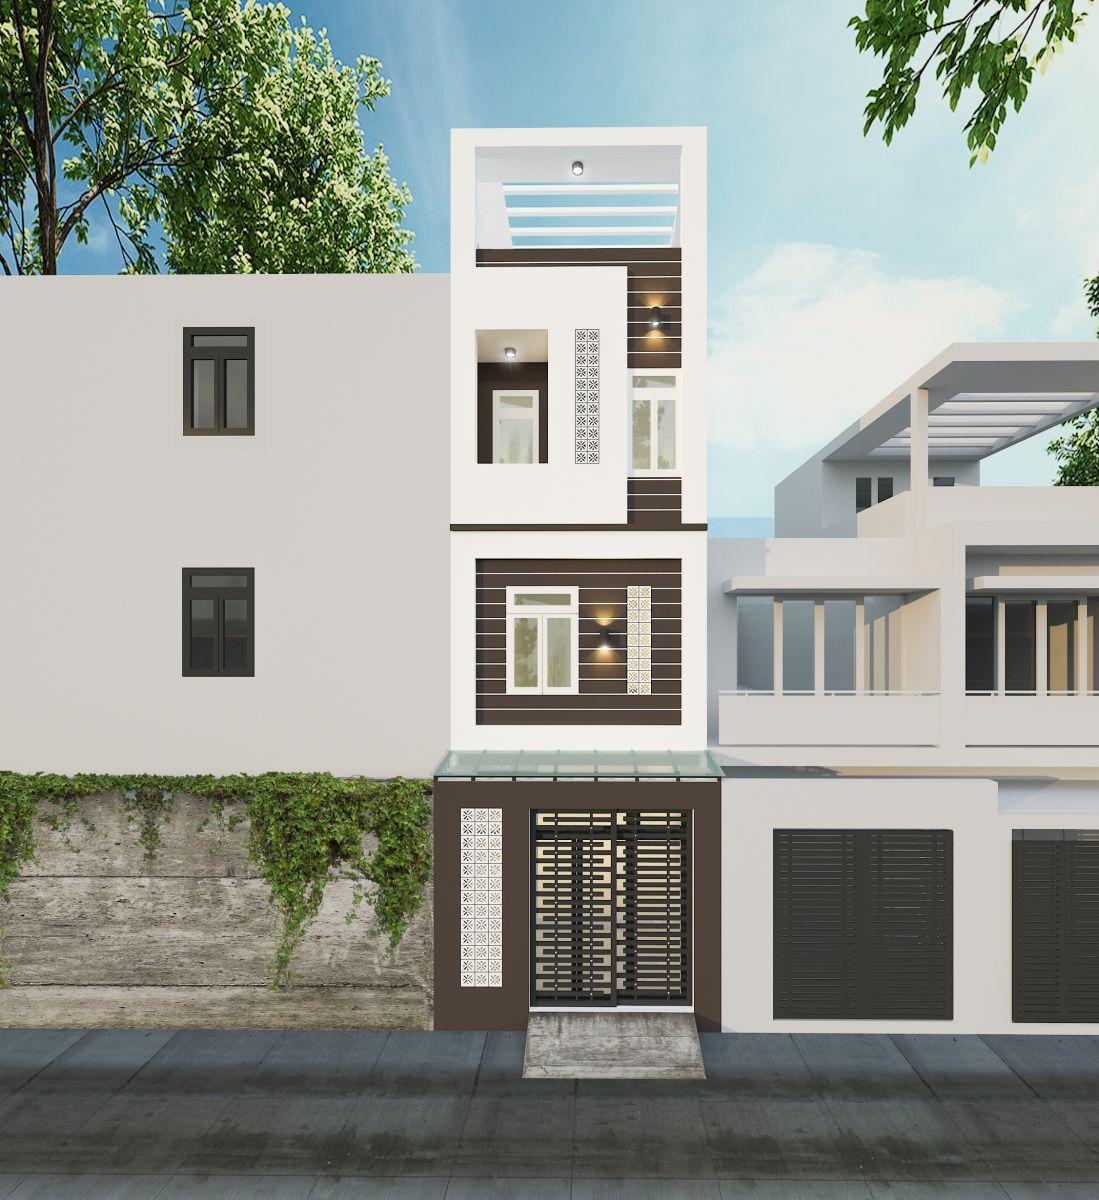 Thiết kế nhà phố theo xu hướng tối giản